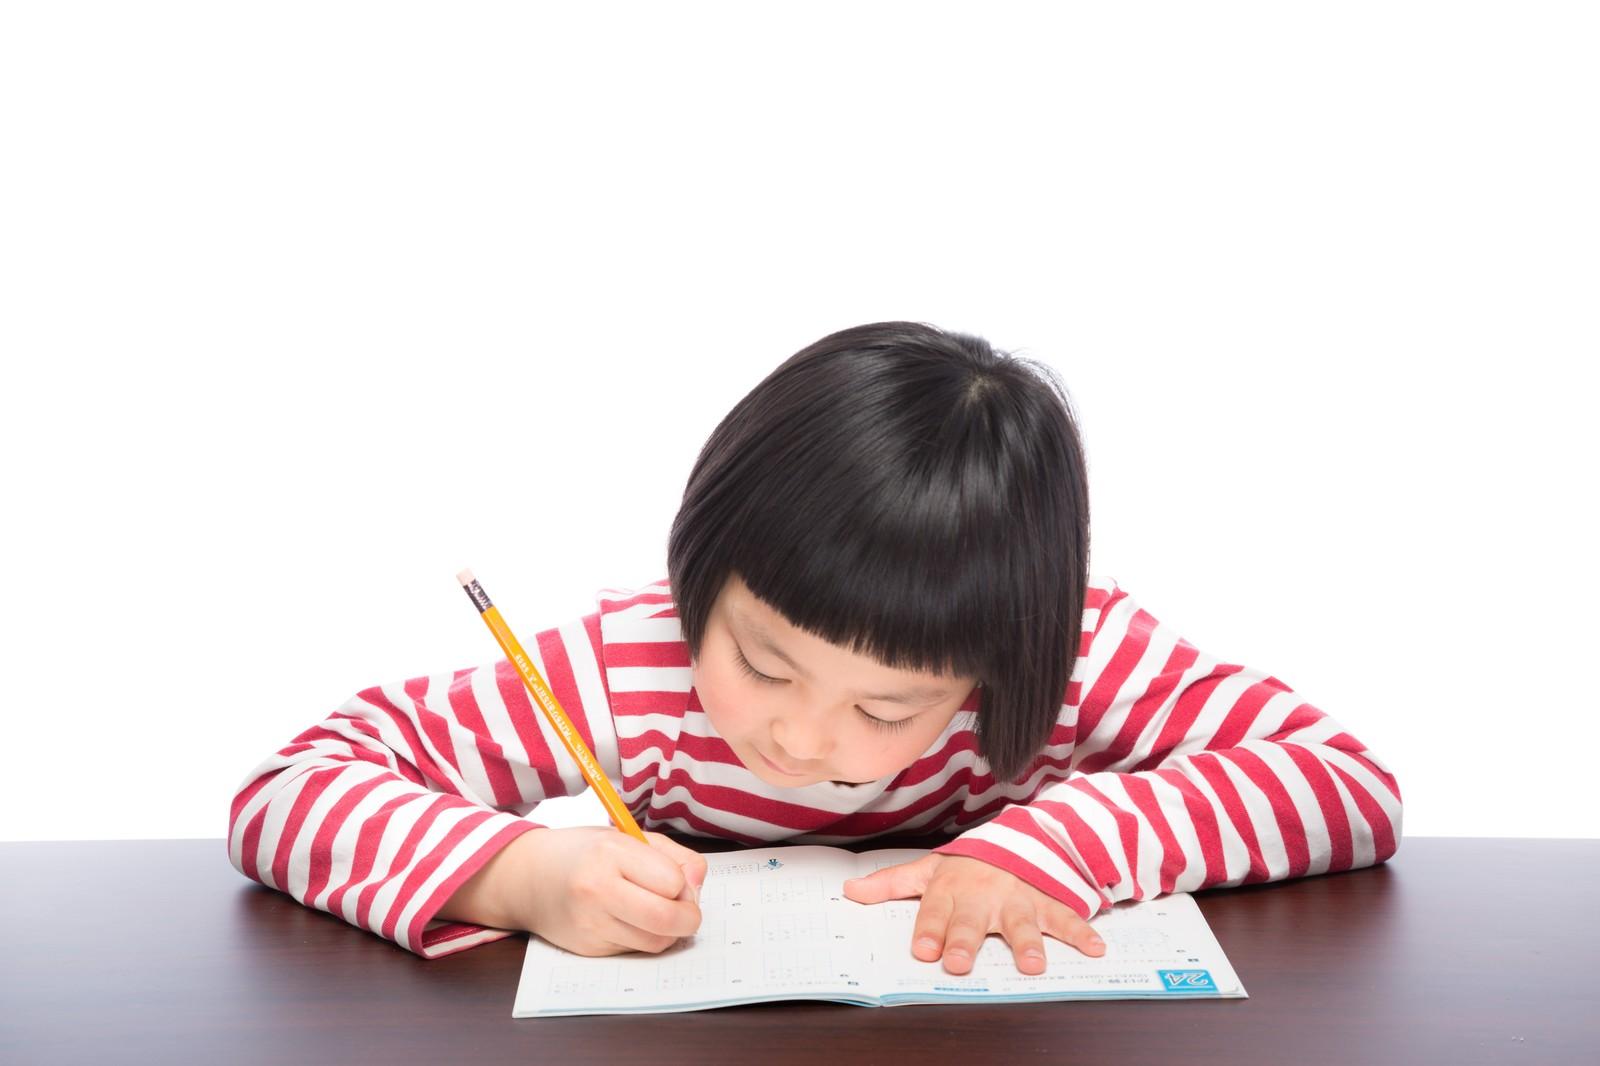 小学生の漢字が書けることが必須